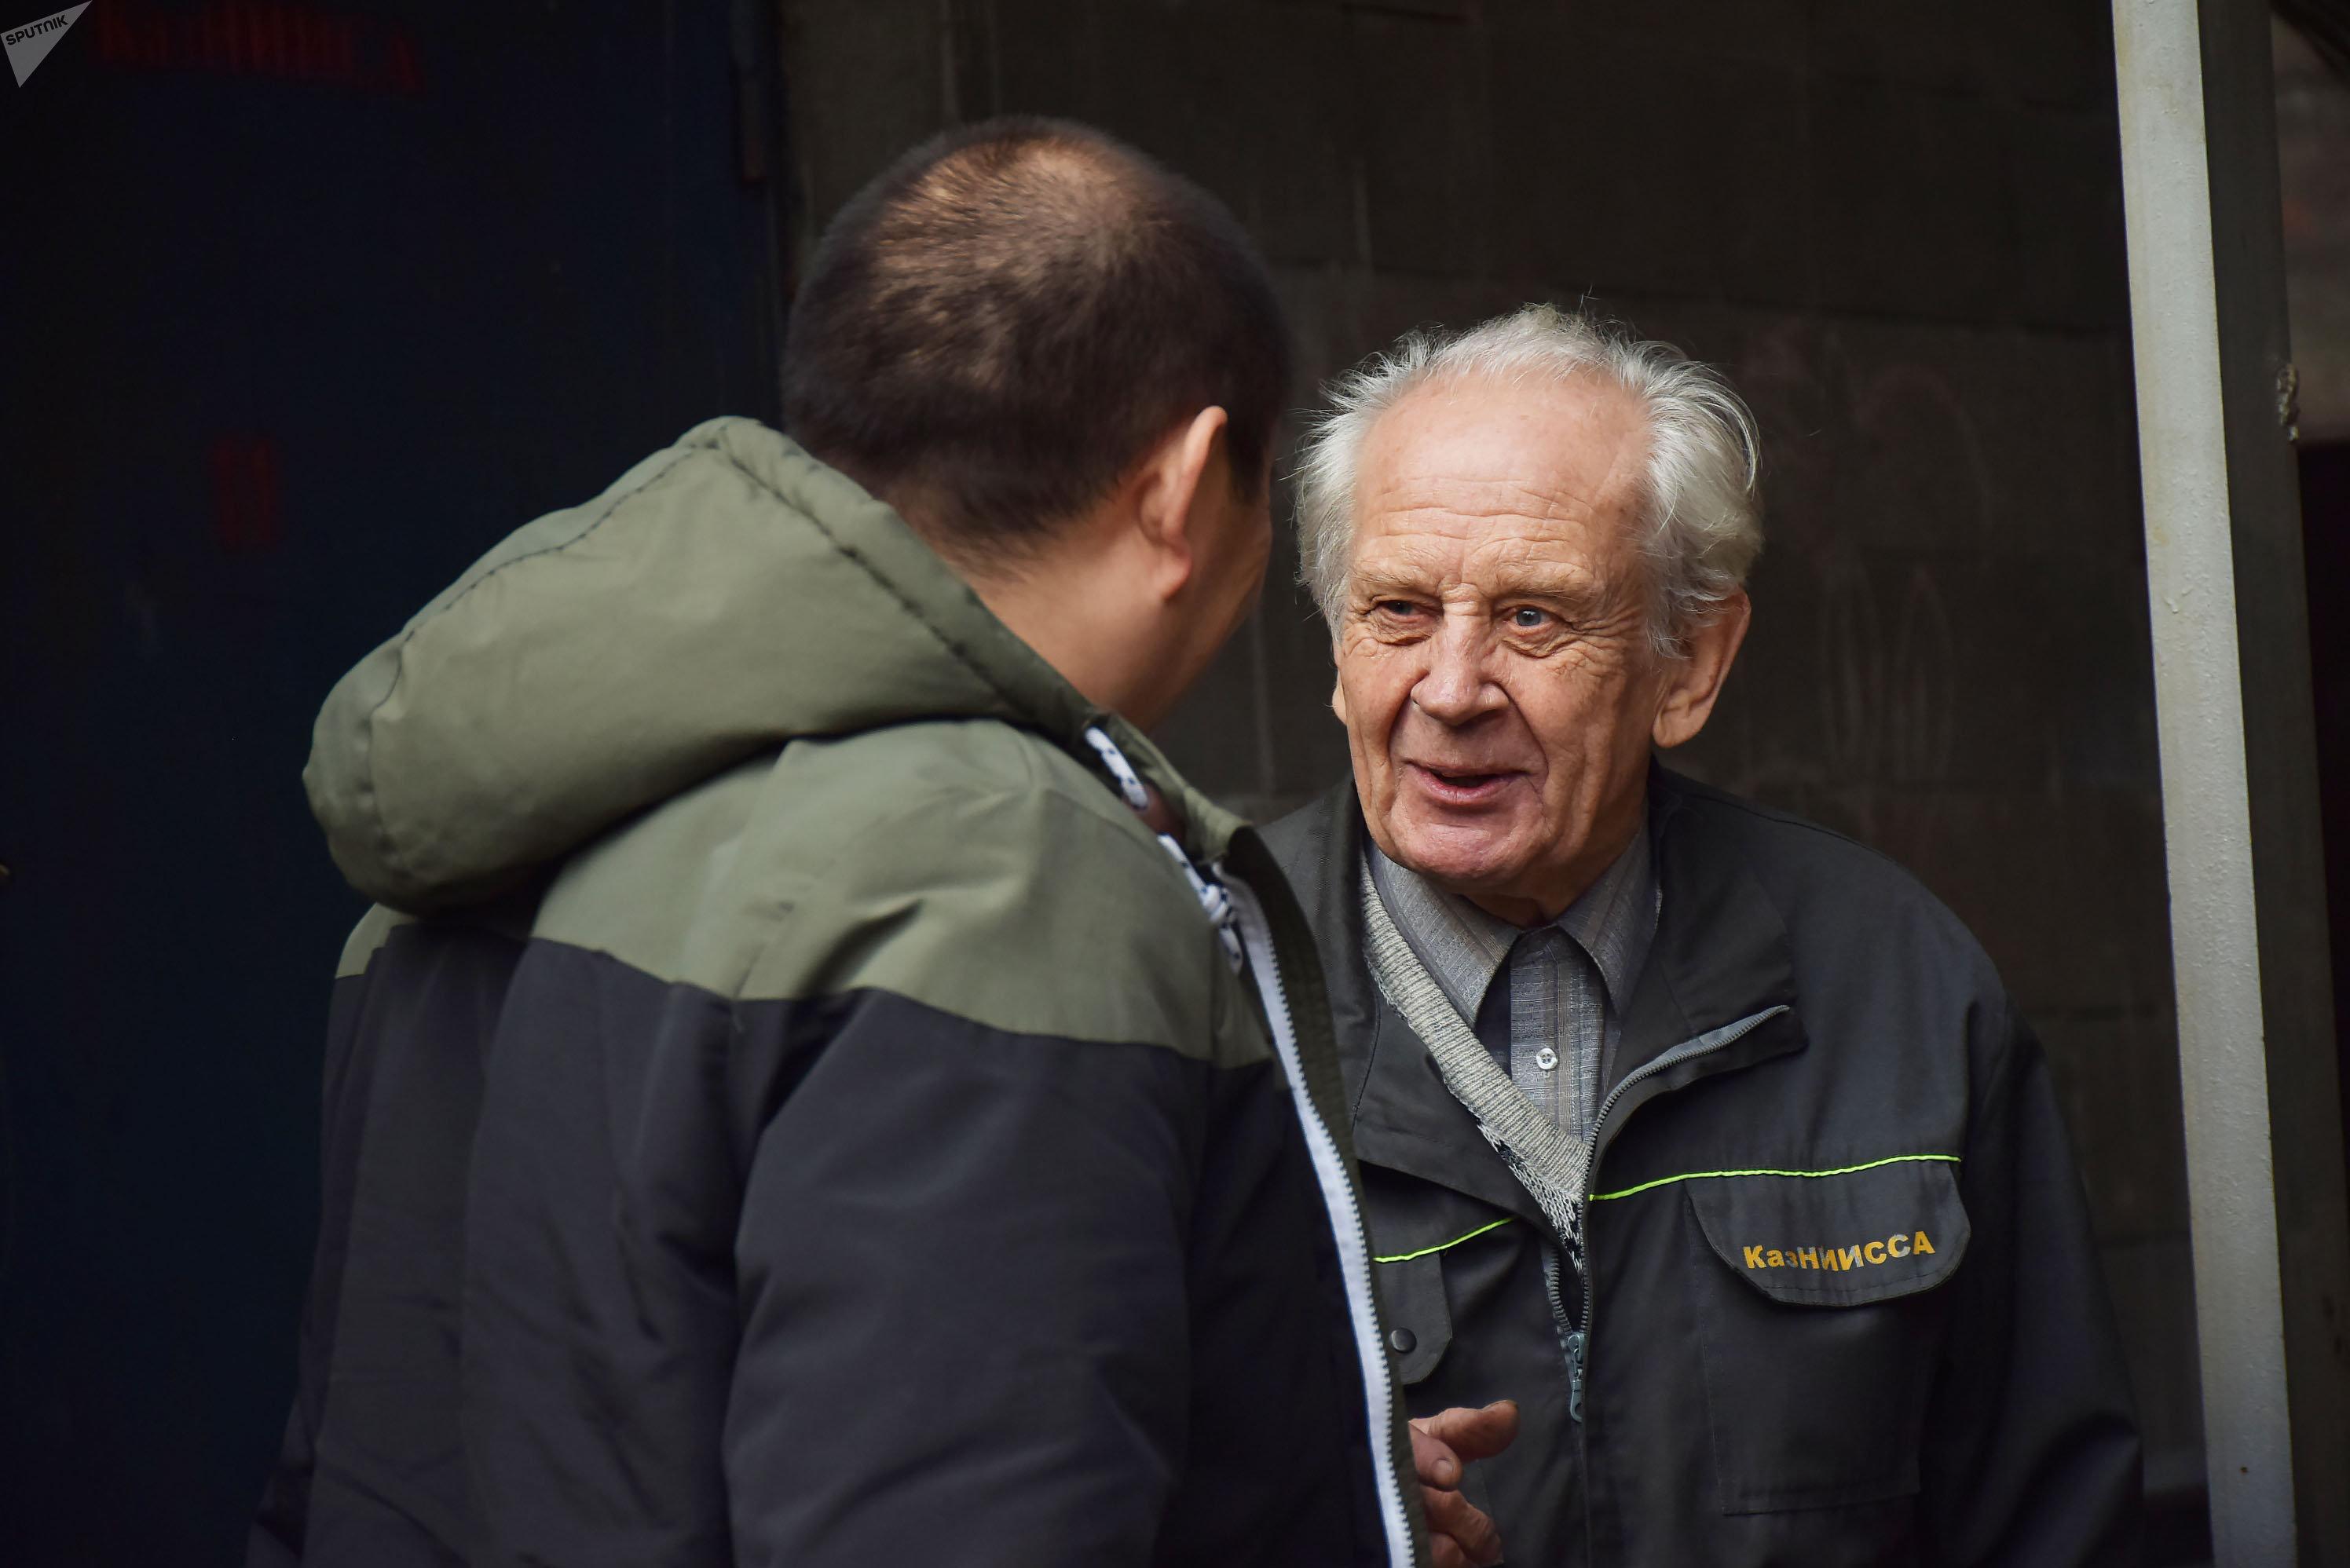 Заведующий инженерной сейсмометрической службы КазНИИСА Владимир Даугавет